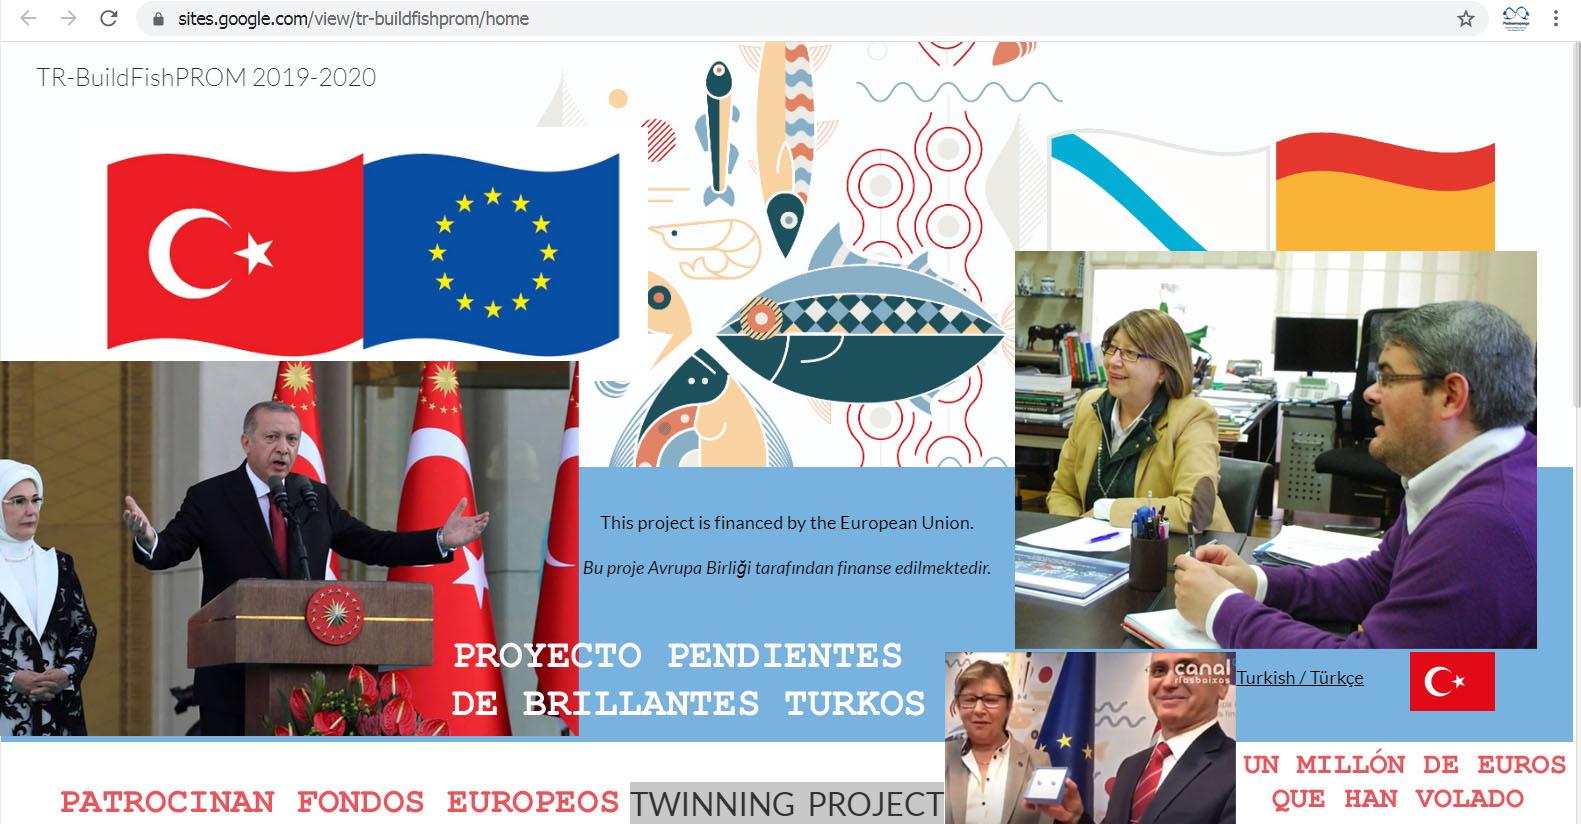 Rosa Quintana y Antonio Basanta despliegan en Turkia bajo sus cargos  políticos un modus operandi de presunta malversación de fondos europeos que  han volado y para destruir de la pesca gallega. -